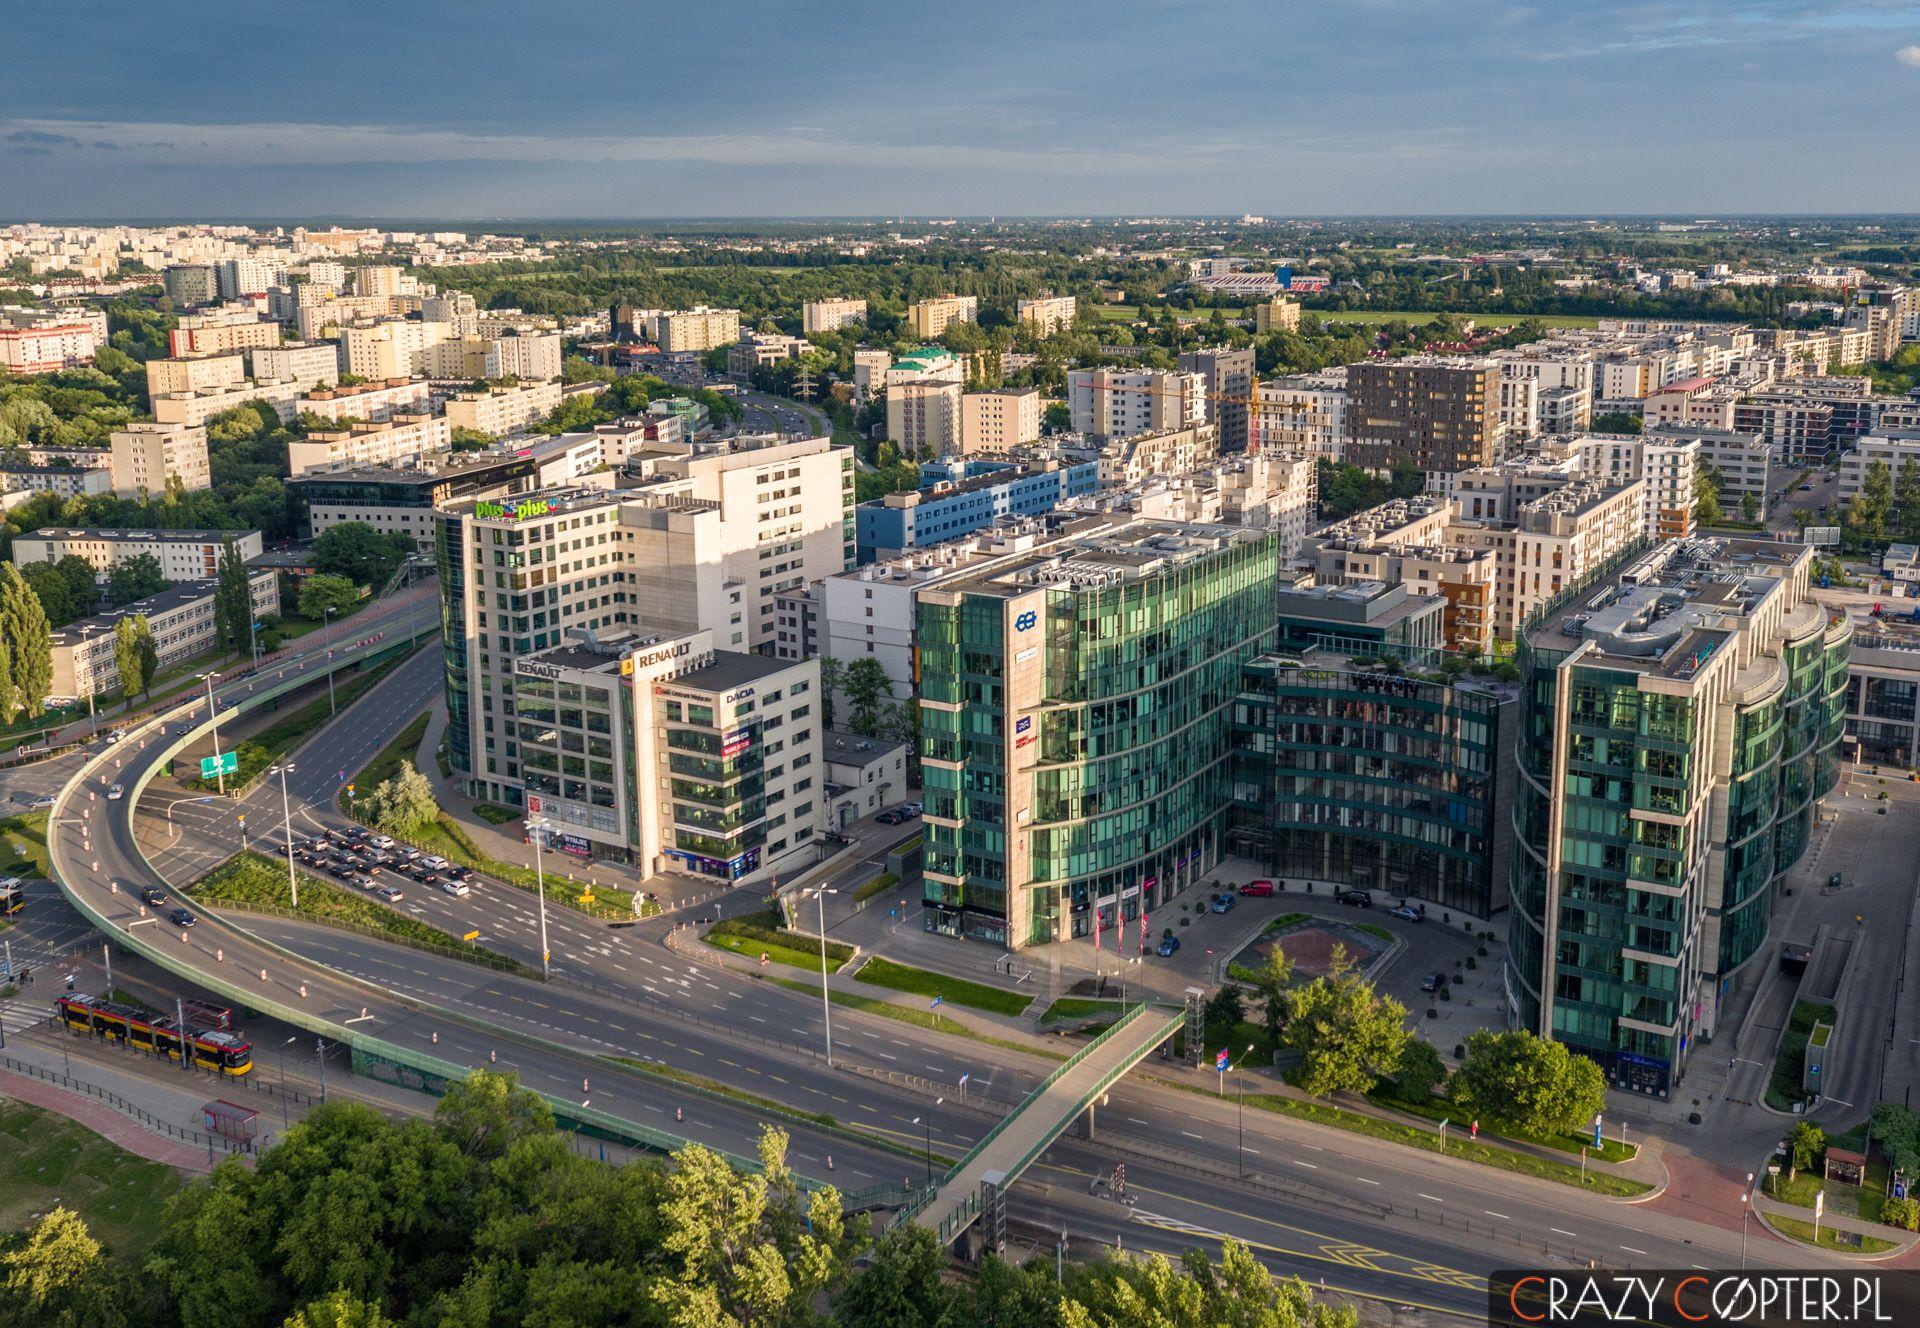 Zdjęcie zdrona budynku New City nawarszawskim Mokotowie.